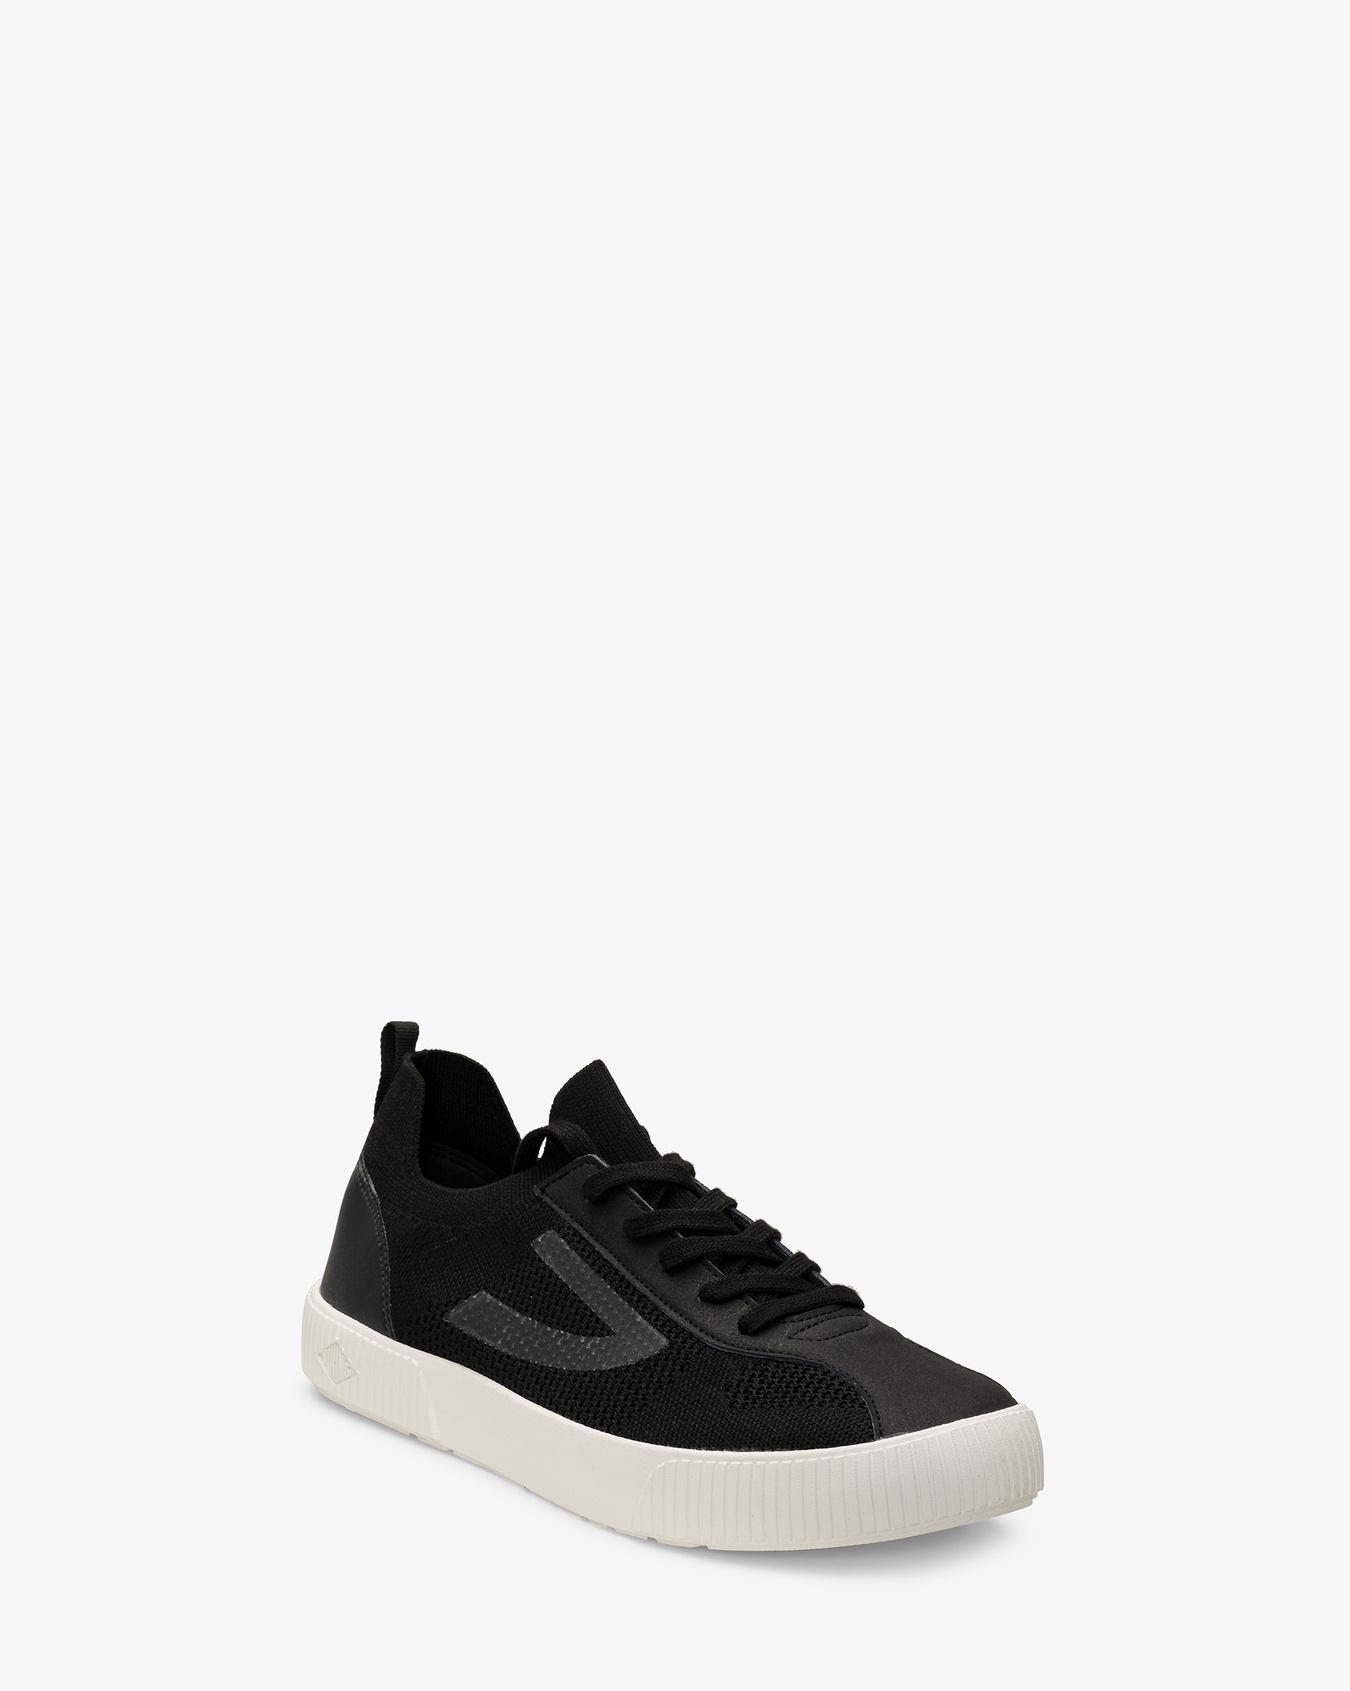 Retro Knitted Jr Sneaker